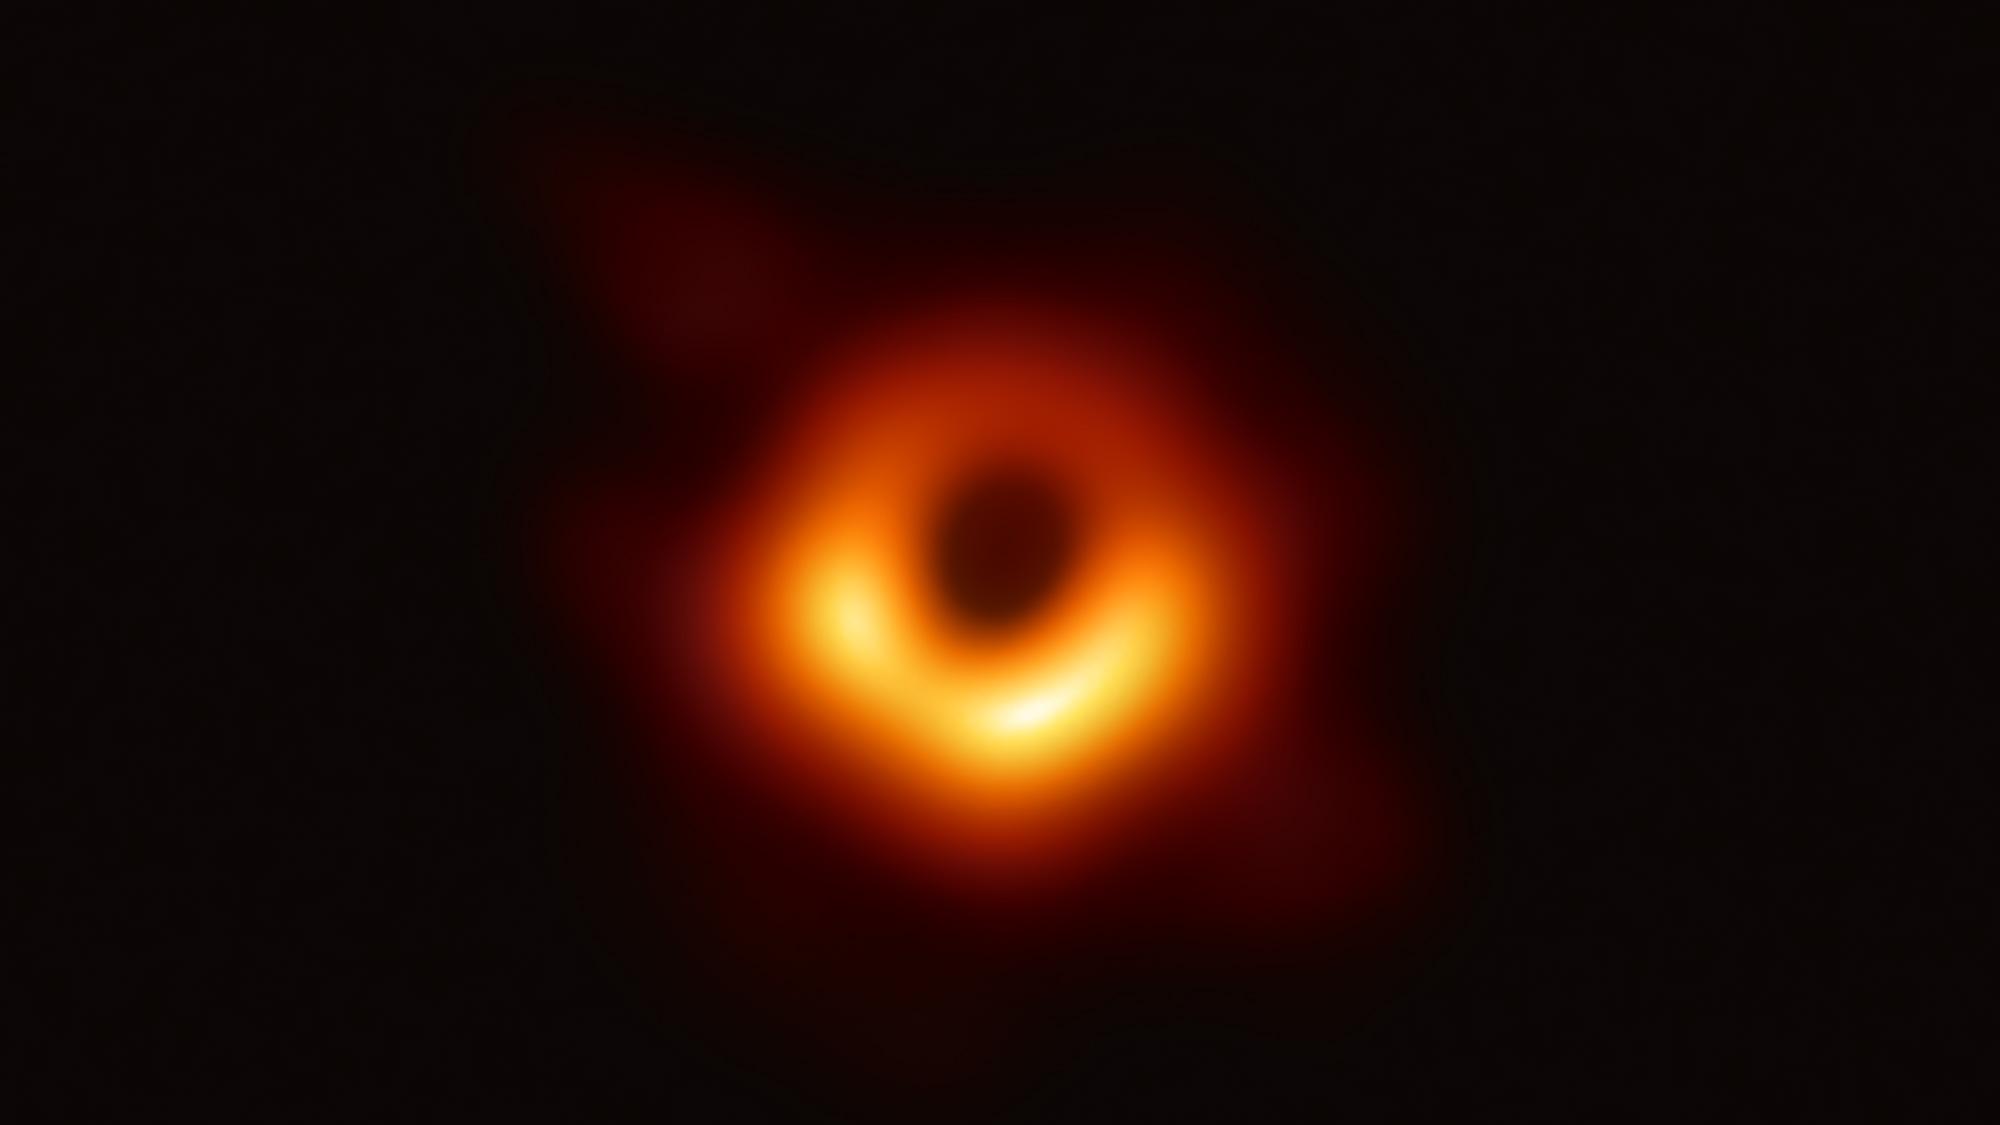 Le télescope Event Horizon, un réseau planétaire de huit radiotélescopes terrestres forgés grâce à une collaboration internationale, a capturé cette image du trou noir supermassif et de son ombre qui se trouve au centre de la galaxie M87.